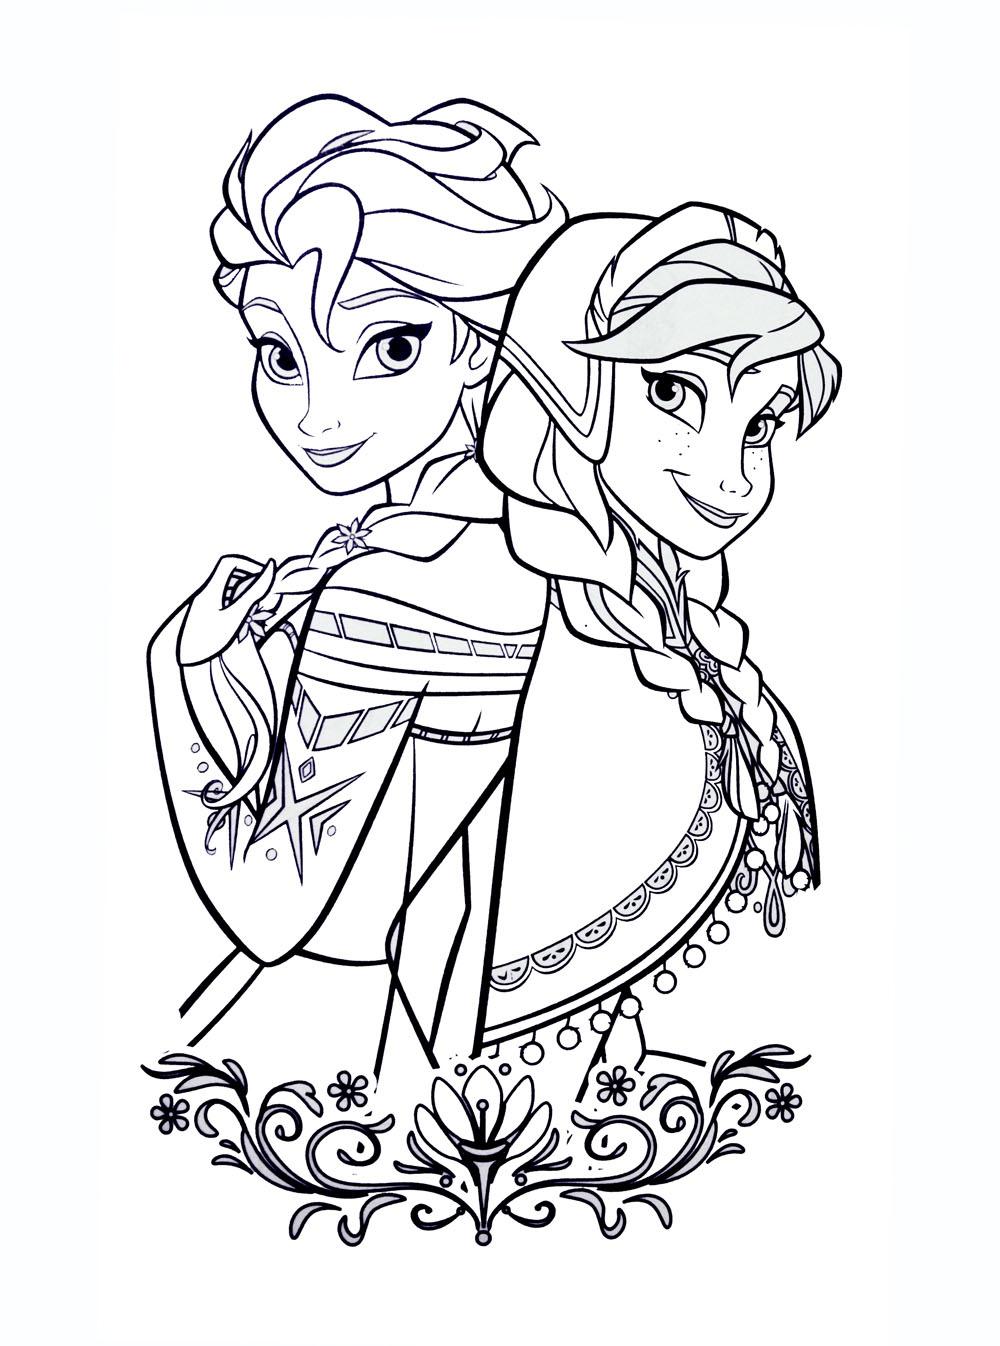 Tranh tô màu công chúa Elsa và Anna xinh đẹp